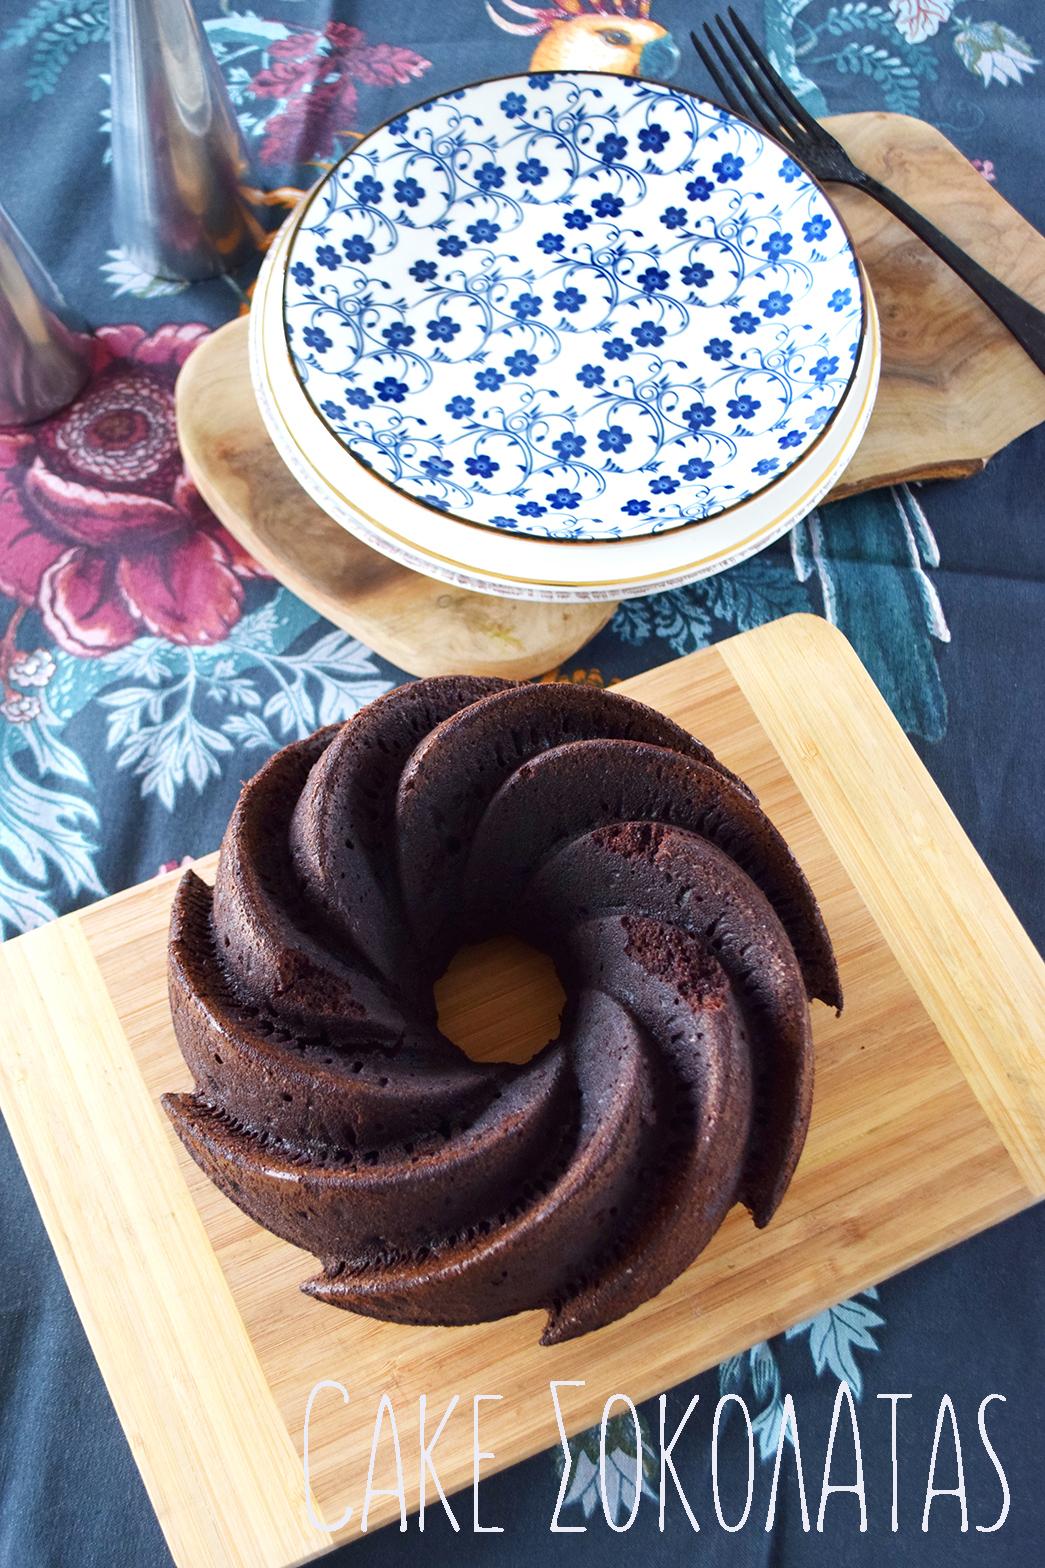 Λαχταριστό Κέικ Σοκολάτας Εύκολα και Απλά